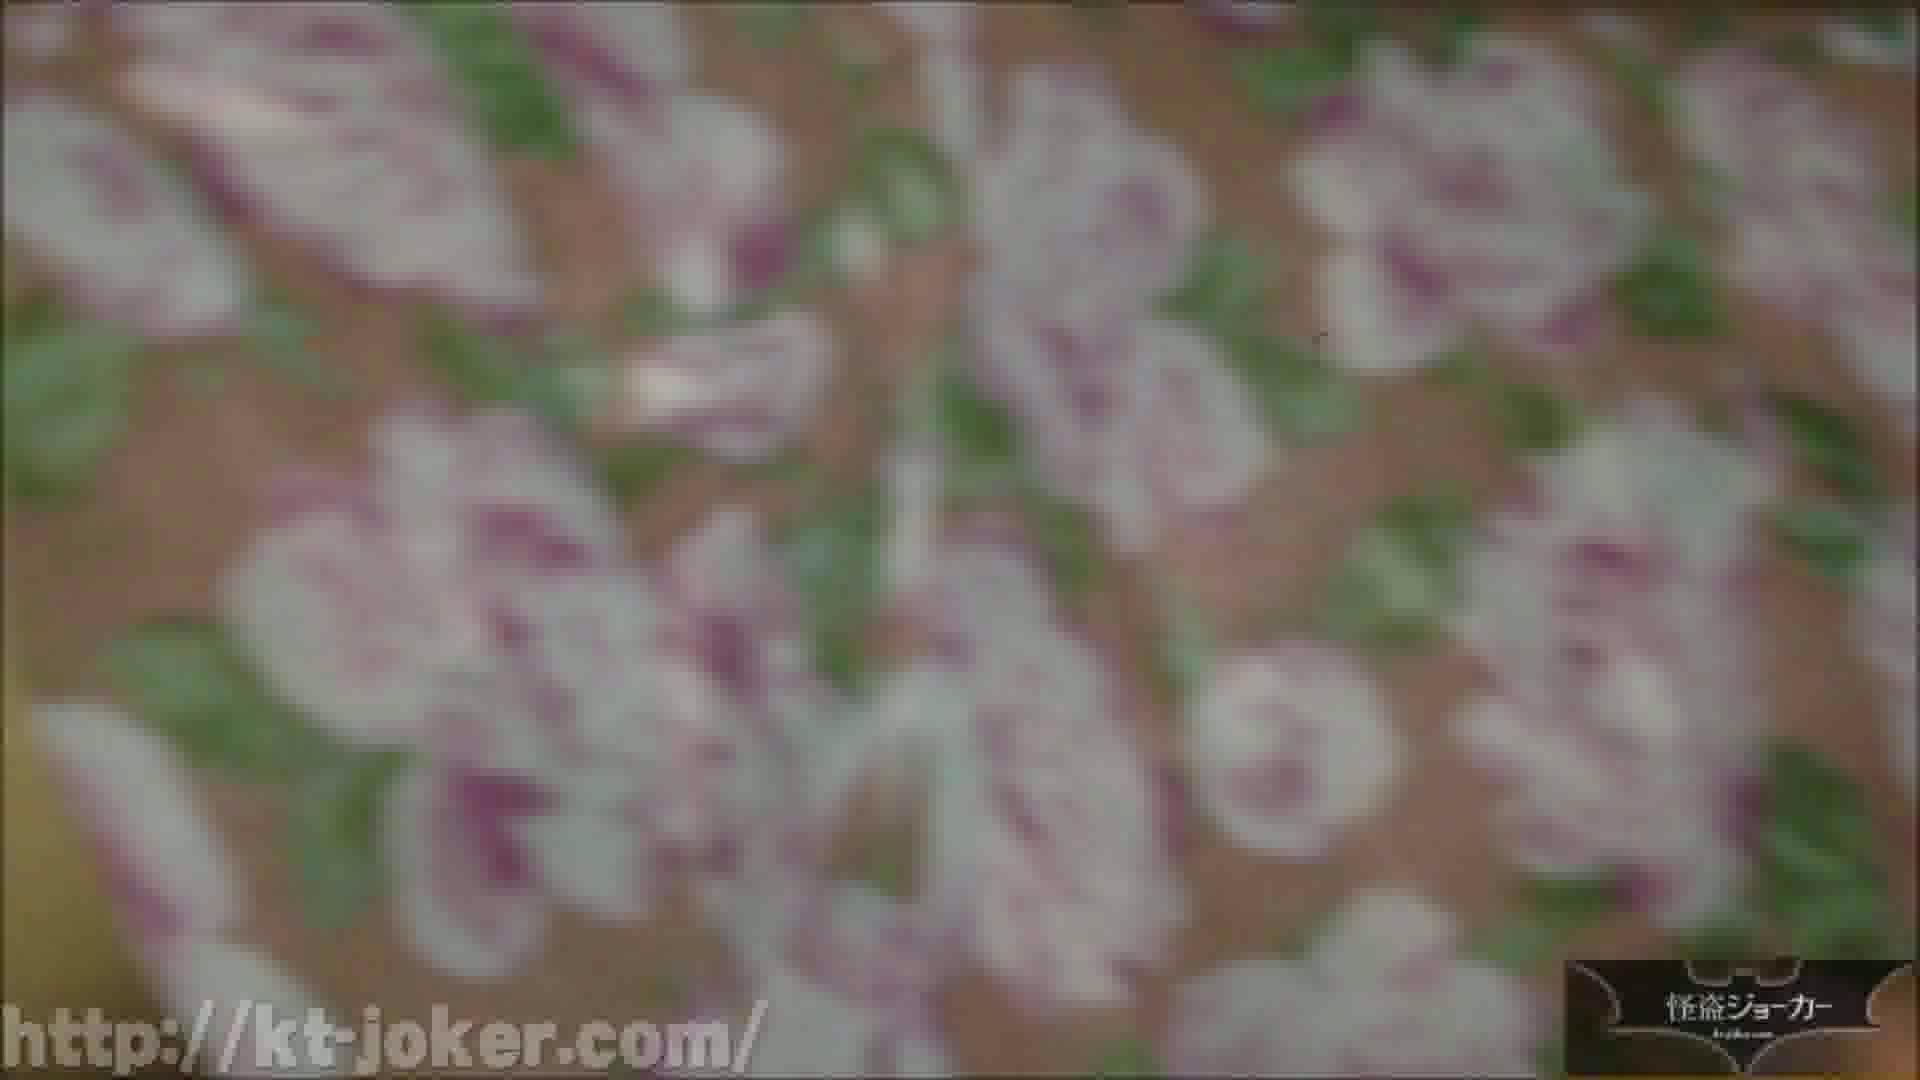 イ・タ・ズ・ラ劇場 Vol.11 美しいOLの裸体 | 美女丸裸  107pic 81